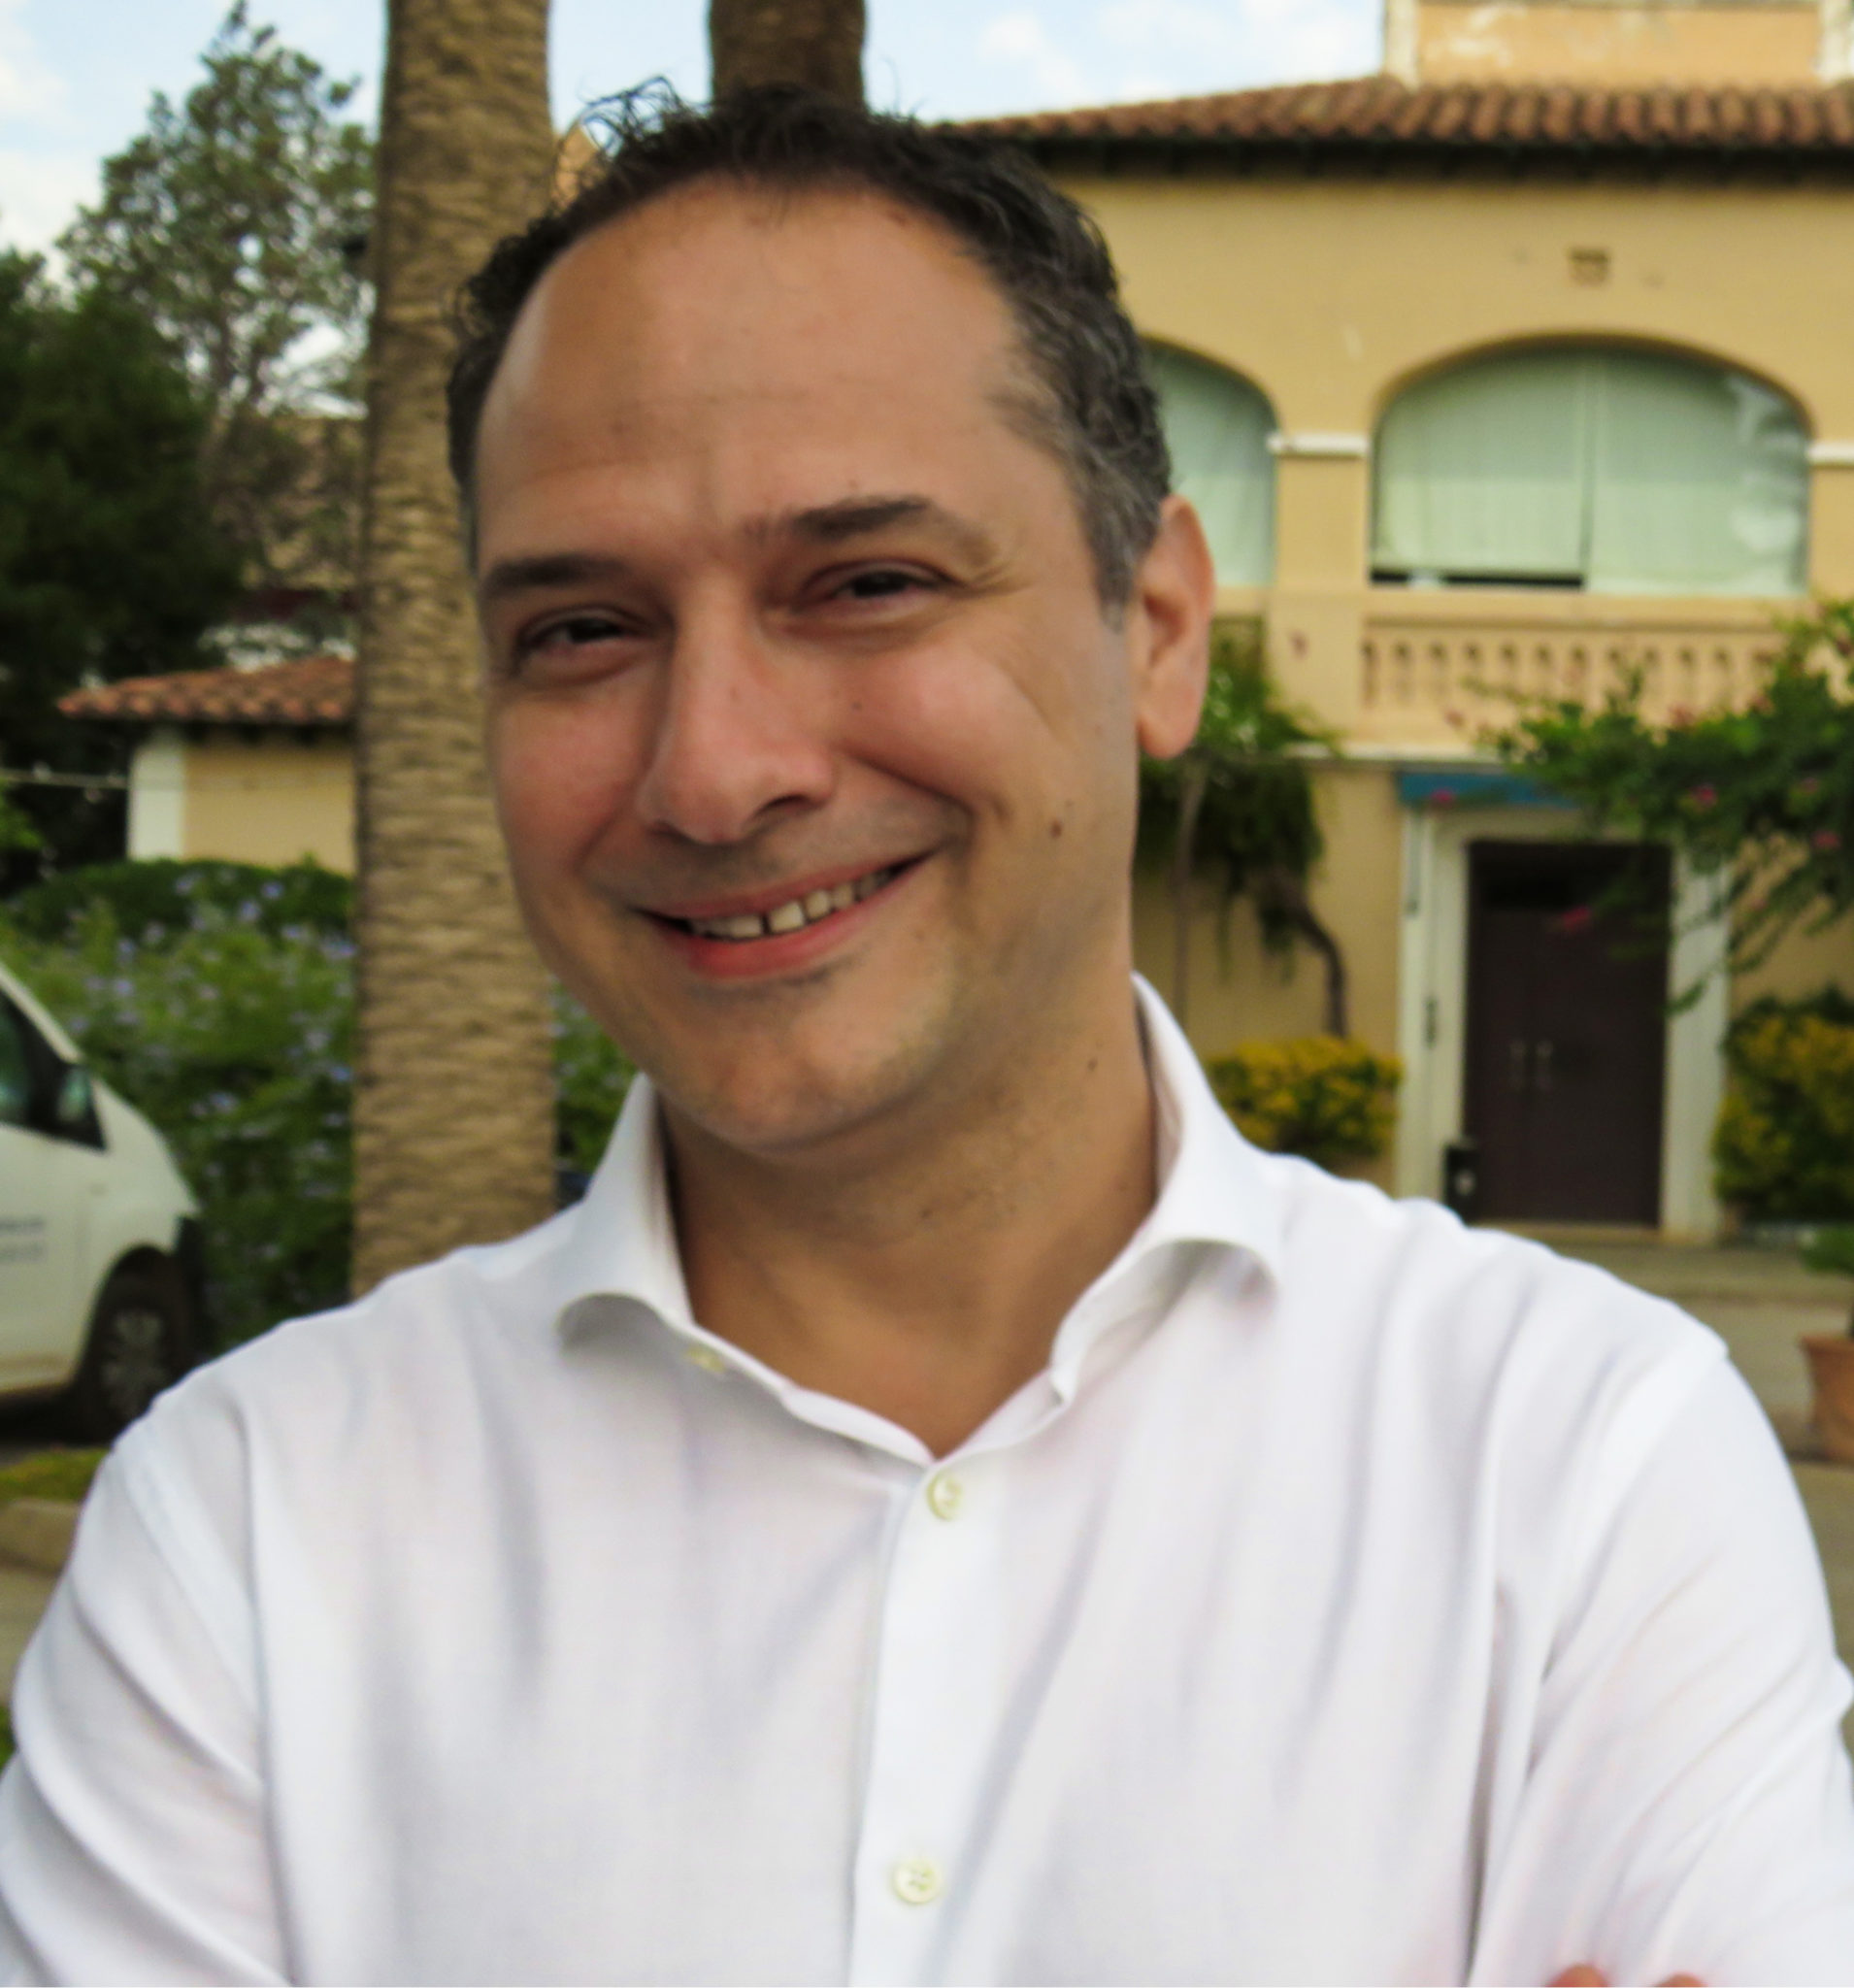 Carlos Ferrer